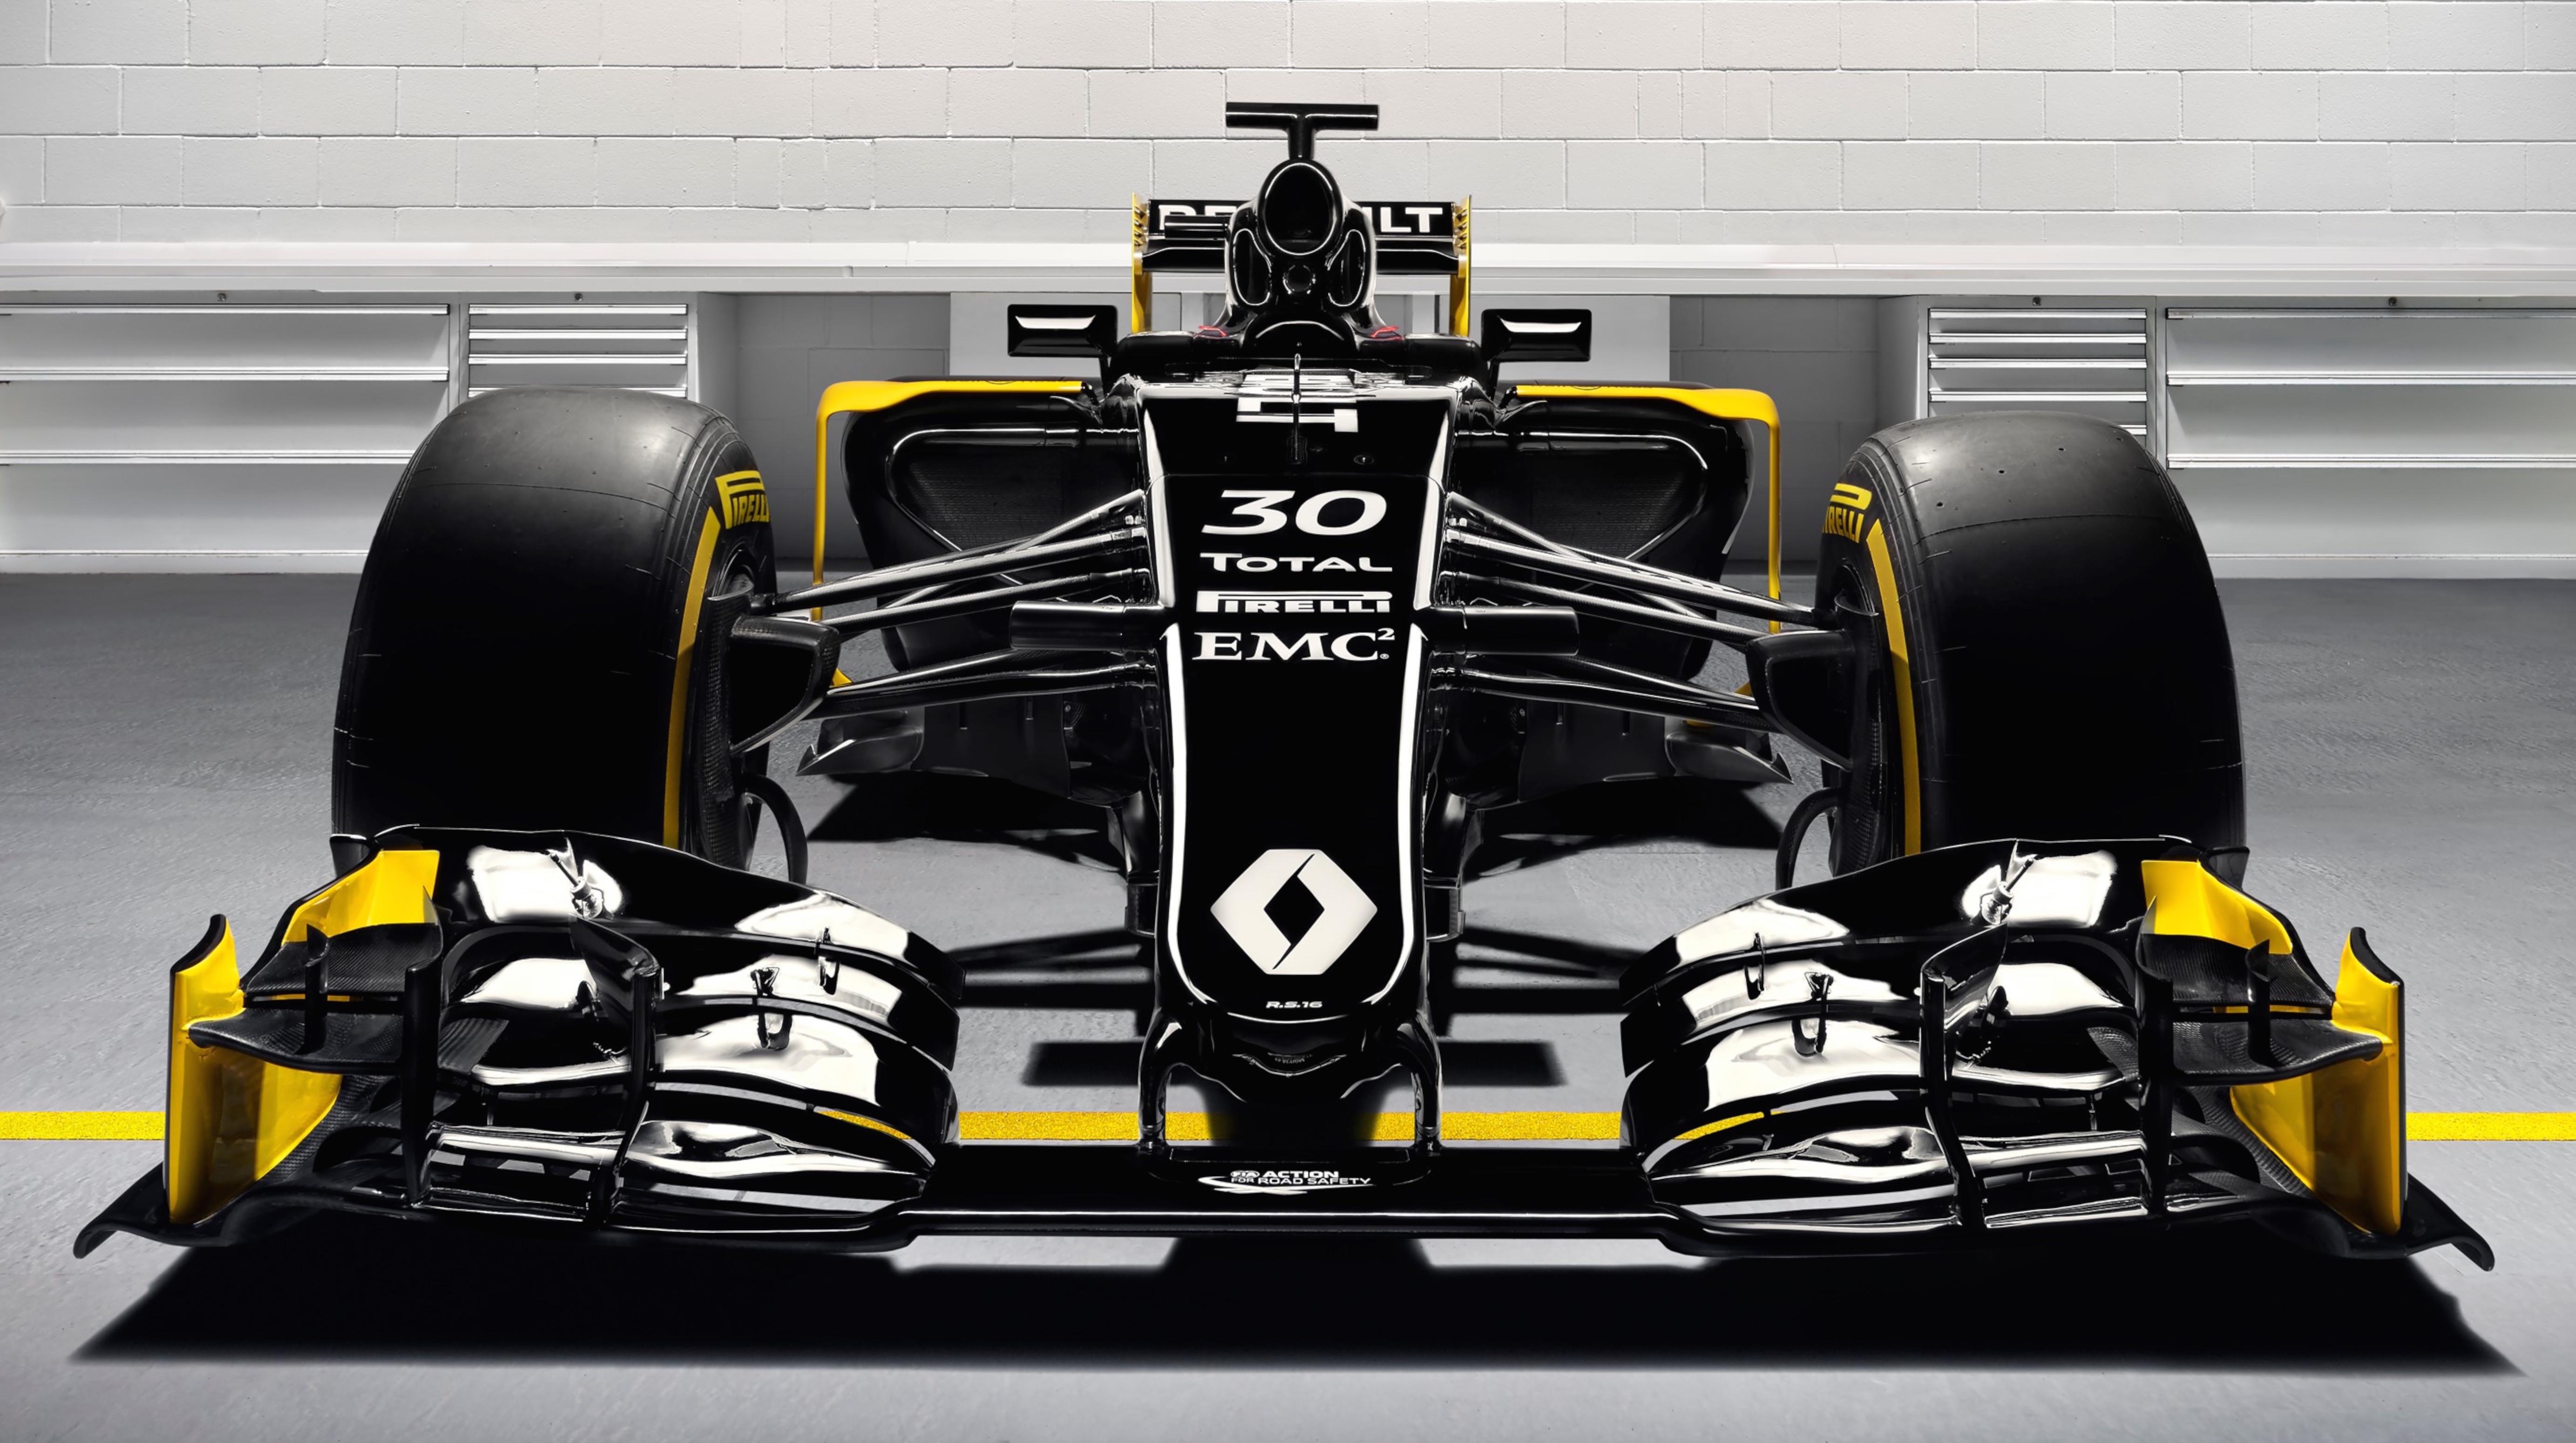 renault rs16 formula 1 challenger for 2016 revealed. Black Bedroom Furniture Sets. Home Design Ideas